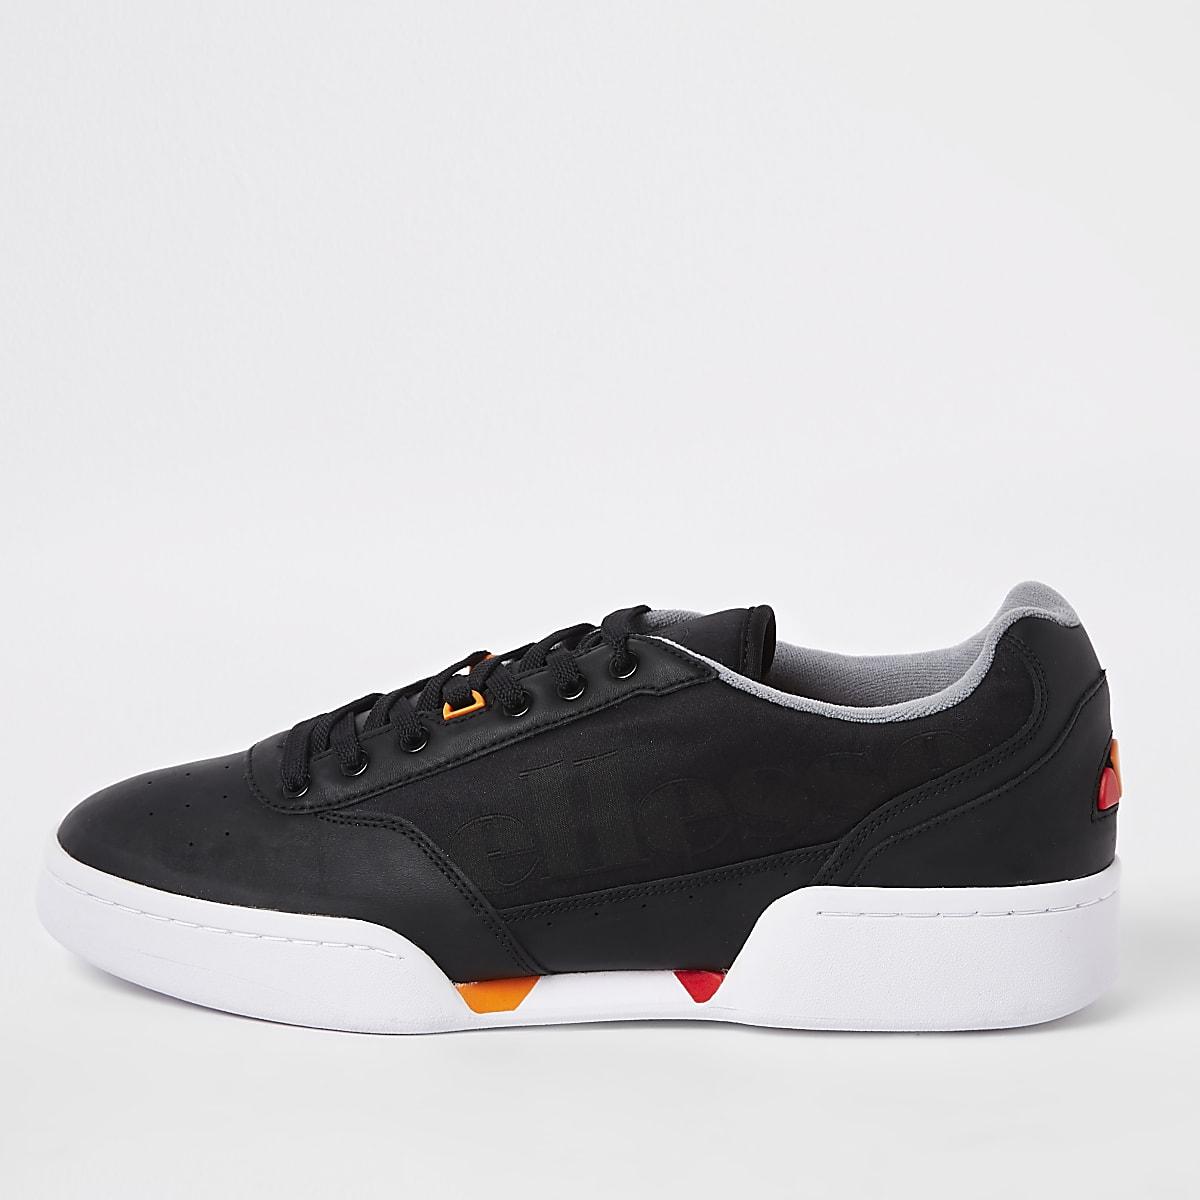 Ellesse – Piacentino – Graue Sneaker aus Leder